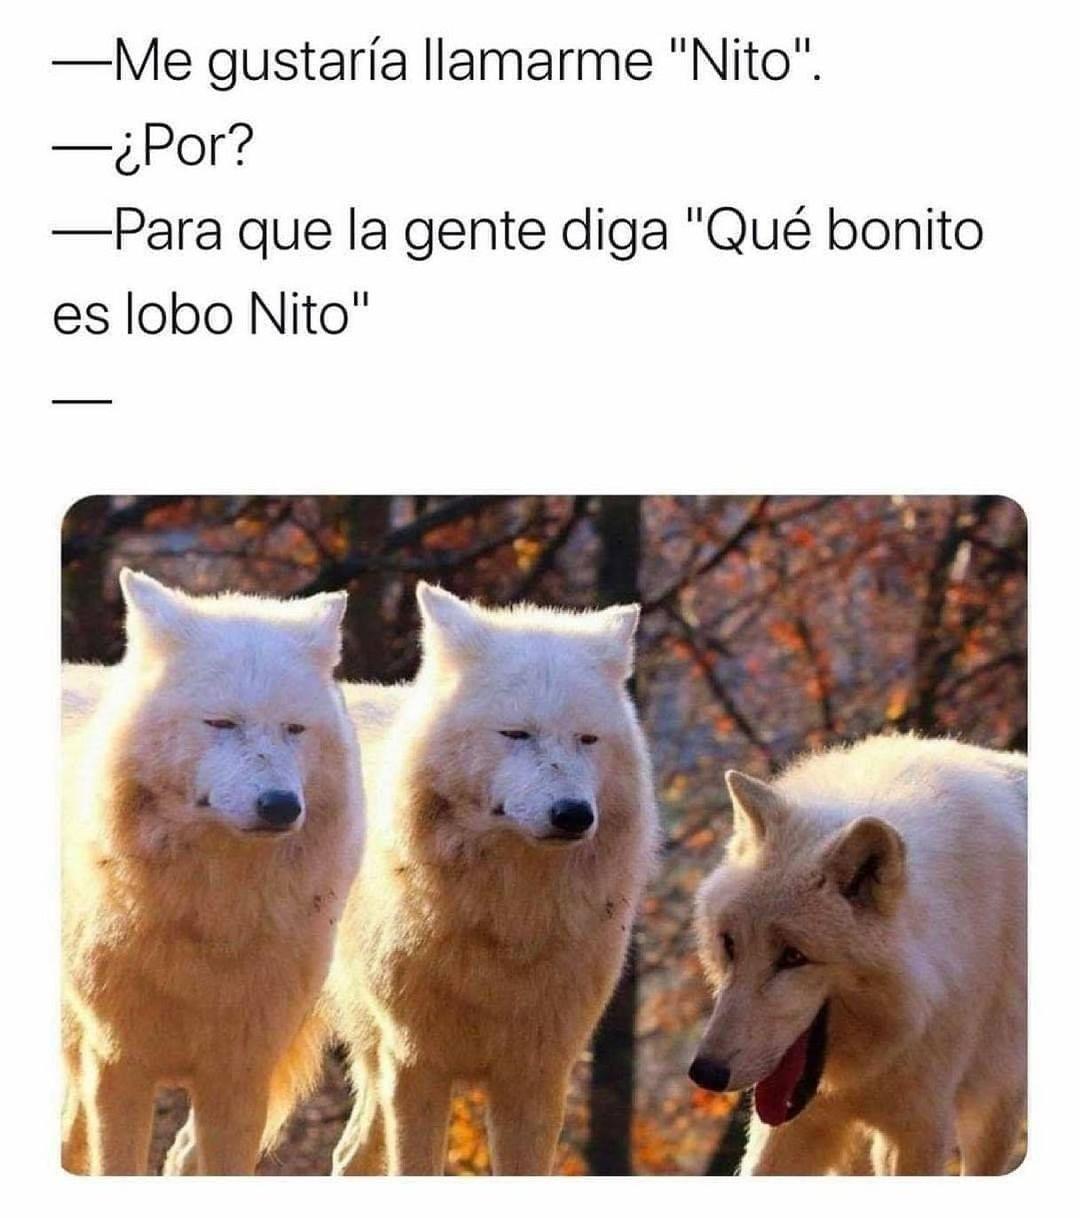 """Me gustaría llamarme """"Nito"""".  ¿Por?  Para que la gente diga """"Qué bonito es lobo Nito""""."""